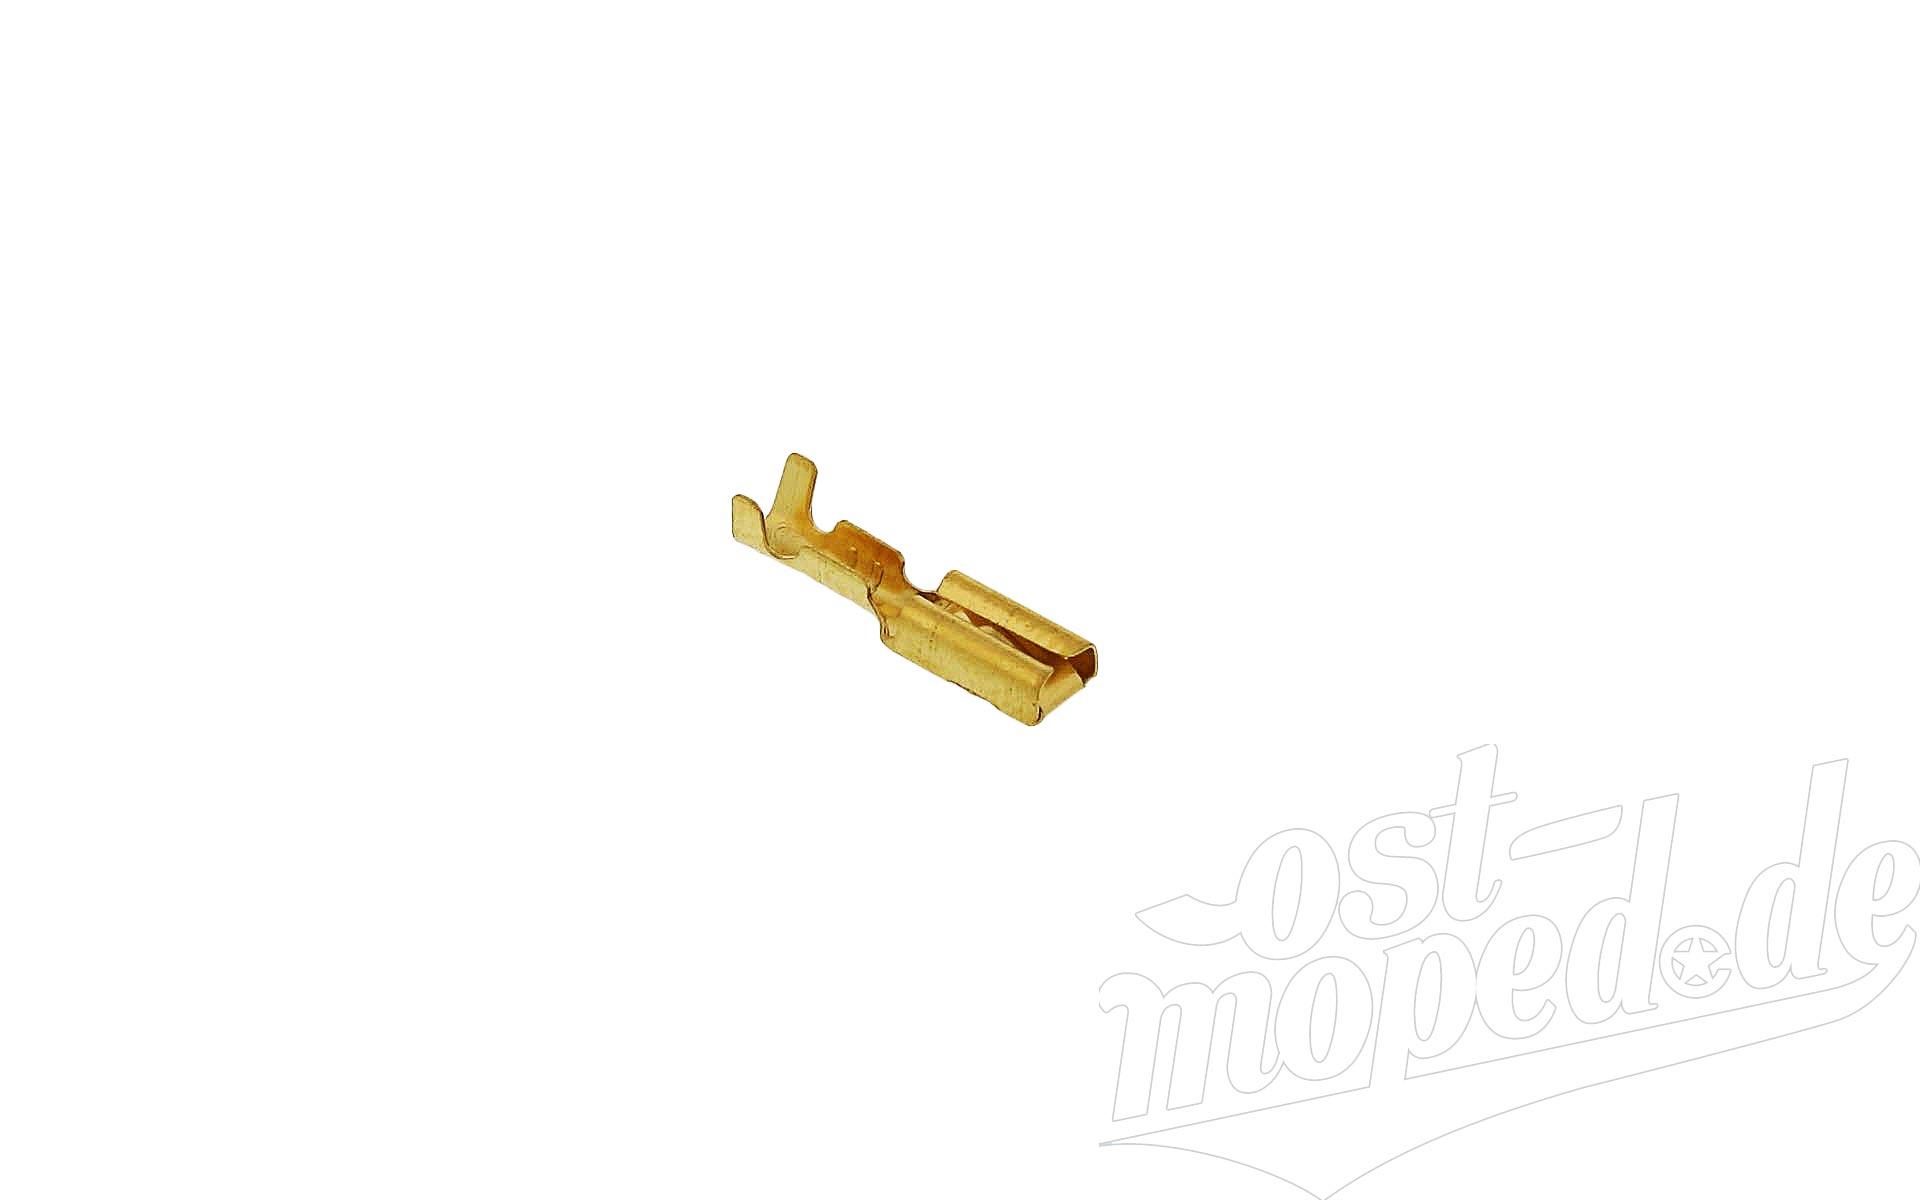 Flachsteckhülse 2,8 mit Rastnase  - Kabelschuh DIN 46247 für Kabel 0,5-1,0